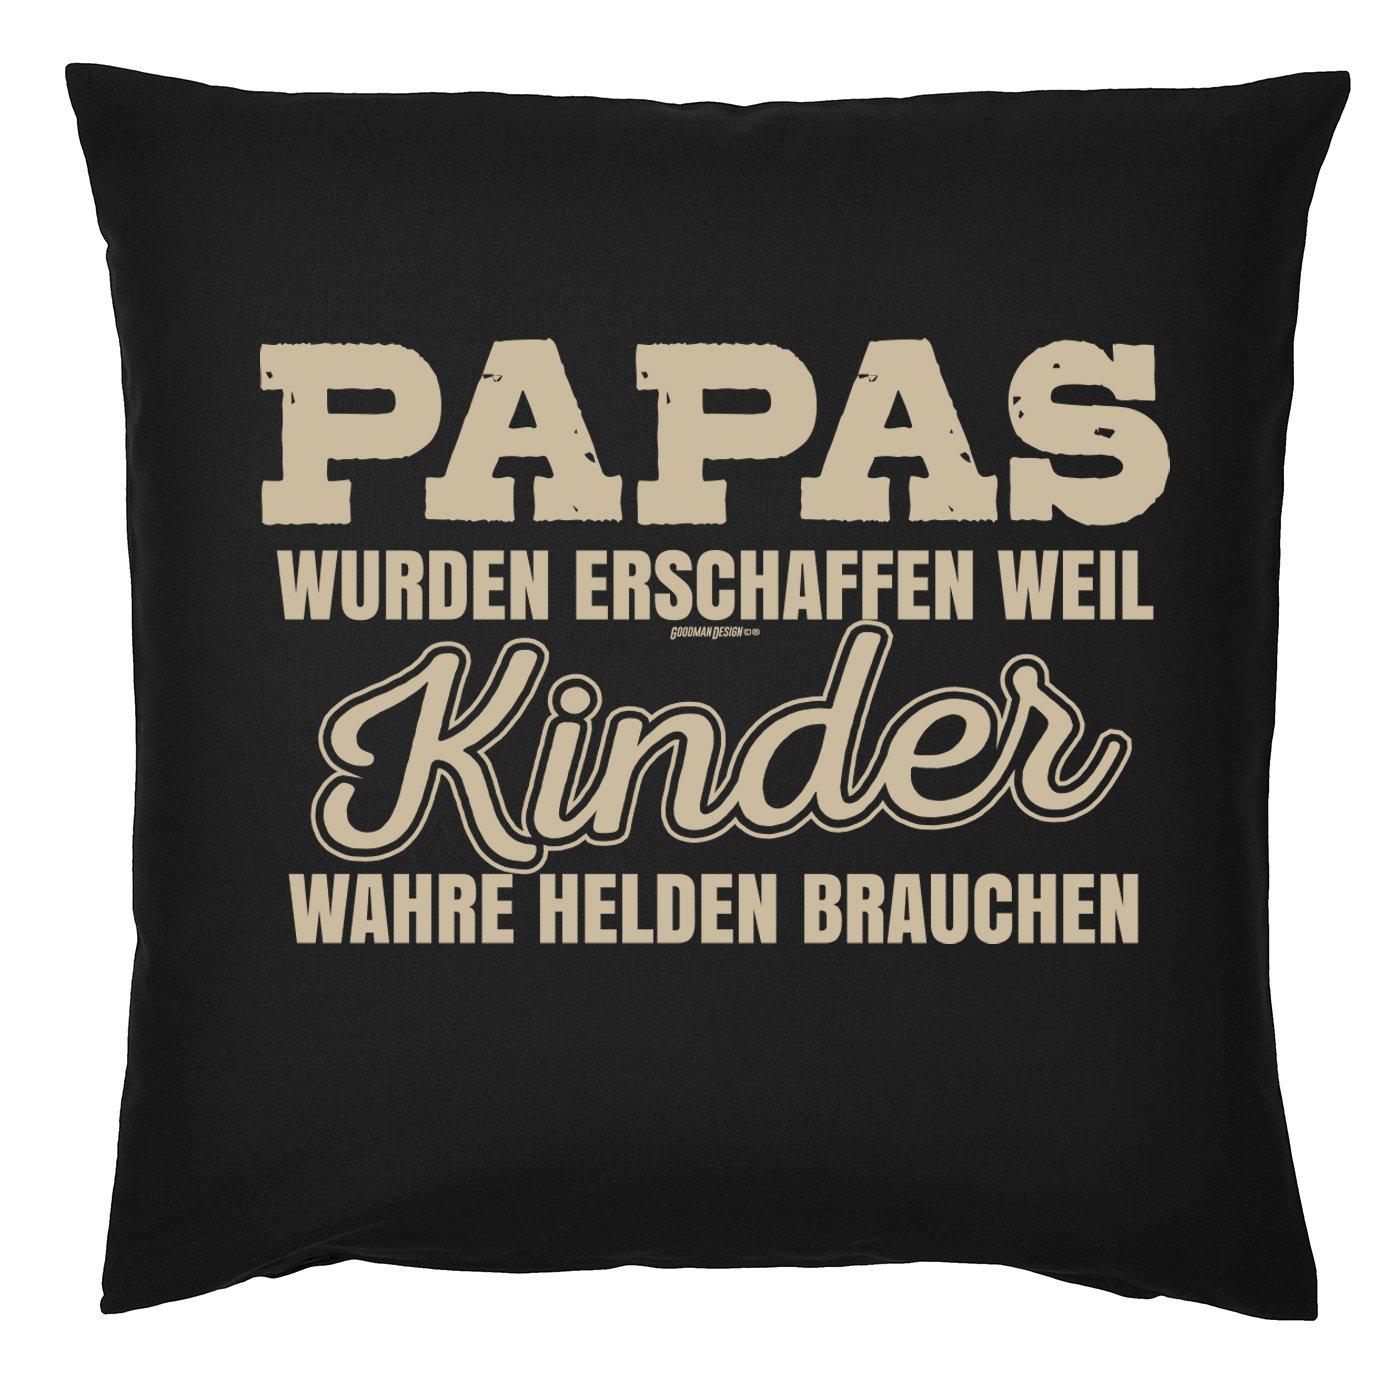 Mega-Shirt Kissen f/ür V/äter cooles Kissen mit F/üllung Papas .wahre Helden Geschenk f/ür Papa zum Vatertag cooler Polster f/ür Papa Weihnachten Geburtstag